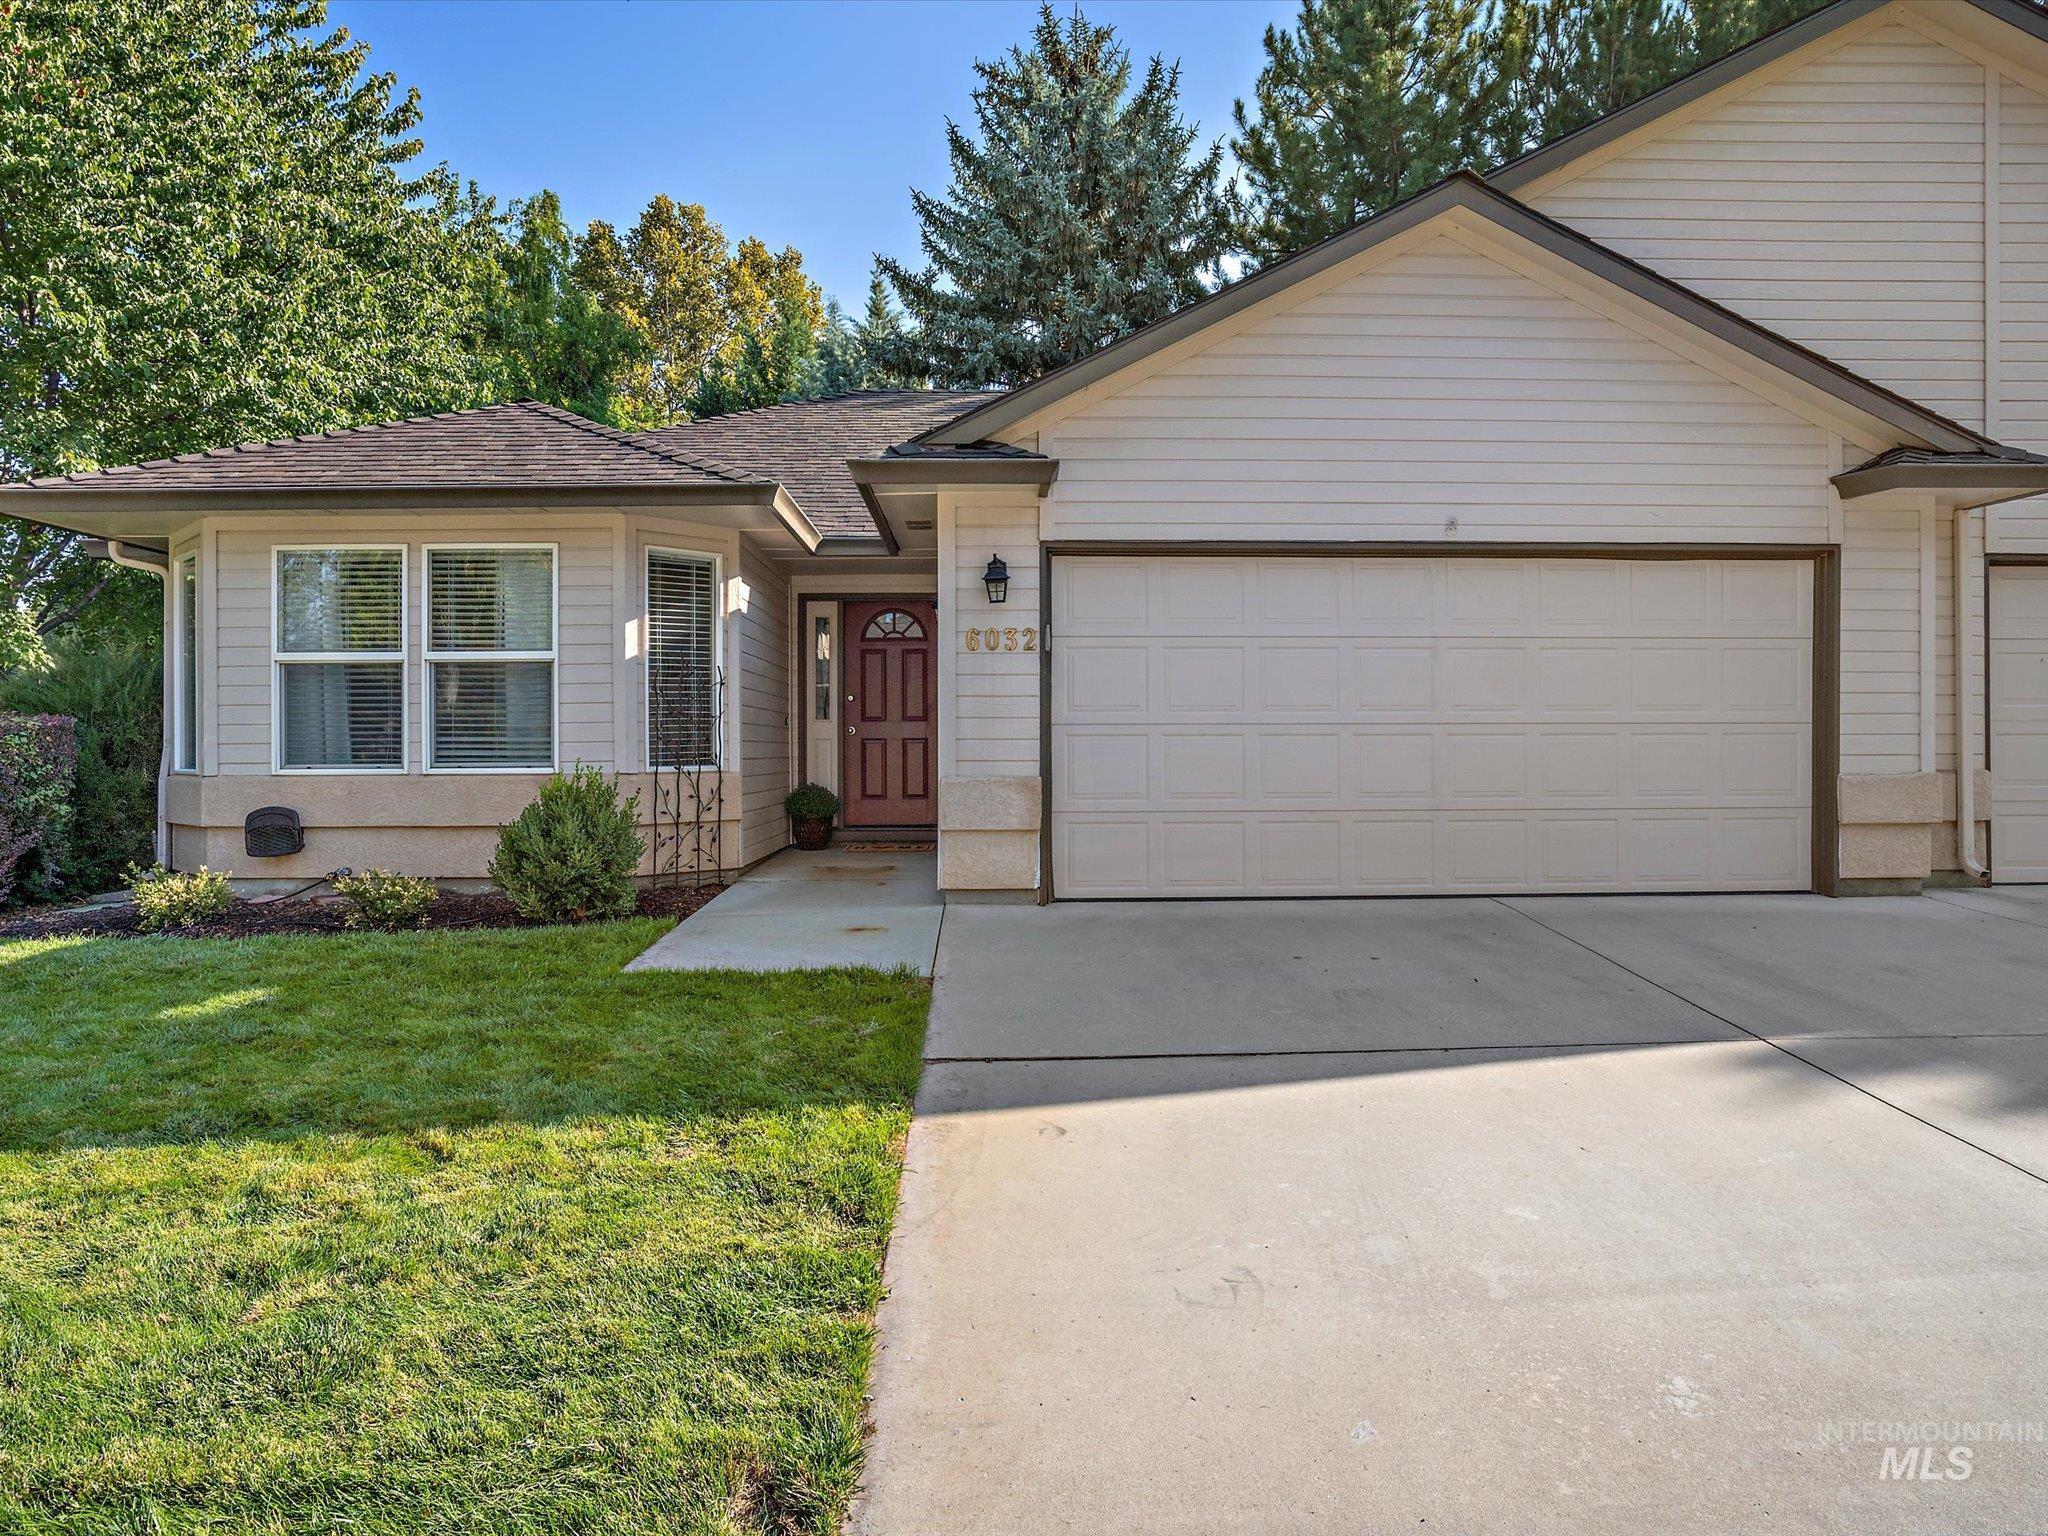 6032 N Gadwall Lane Property Photo